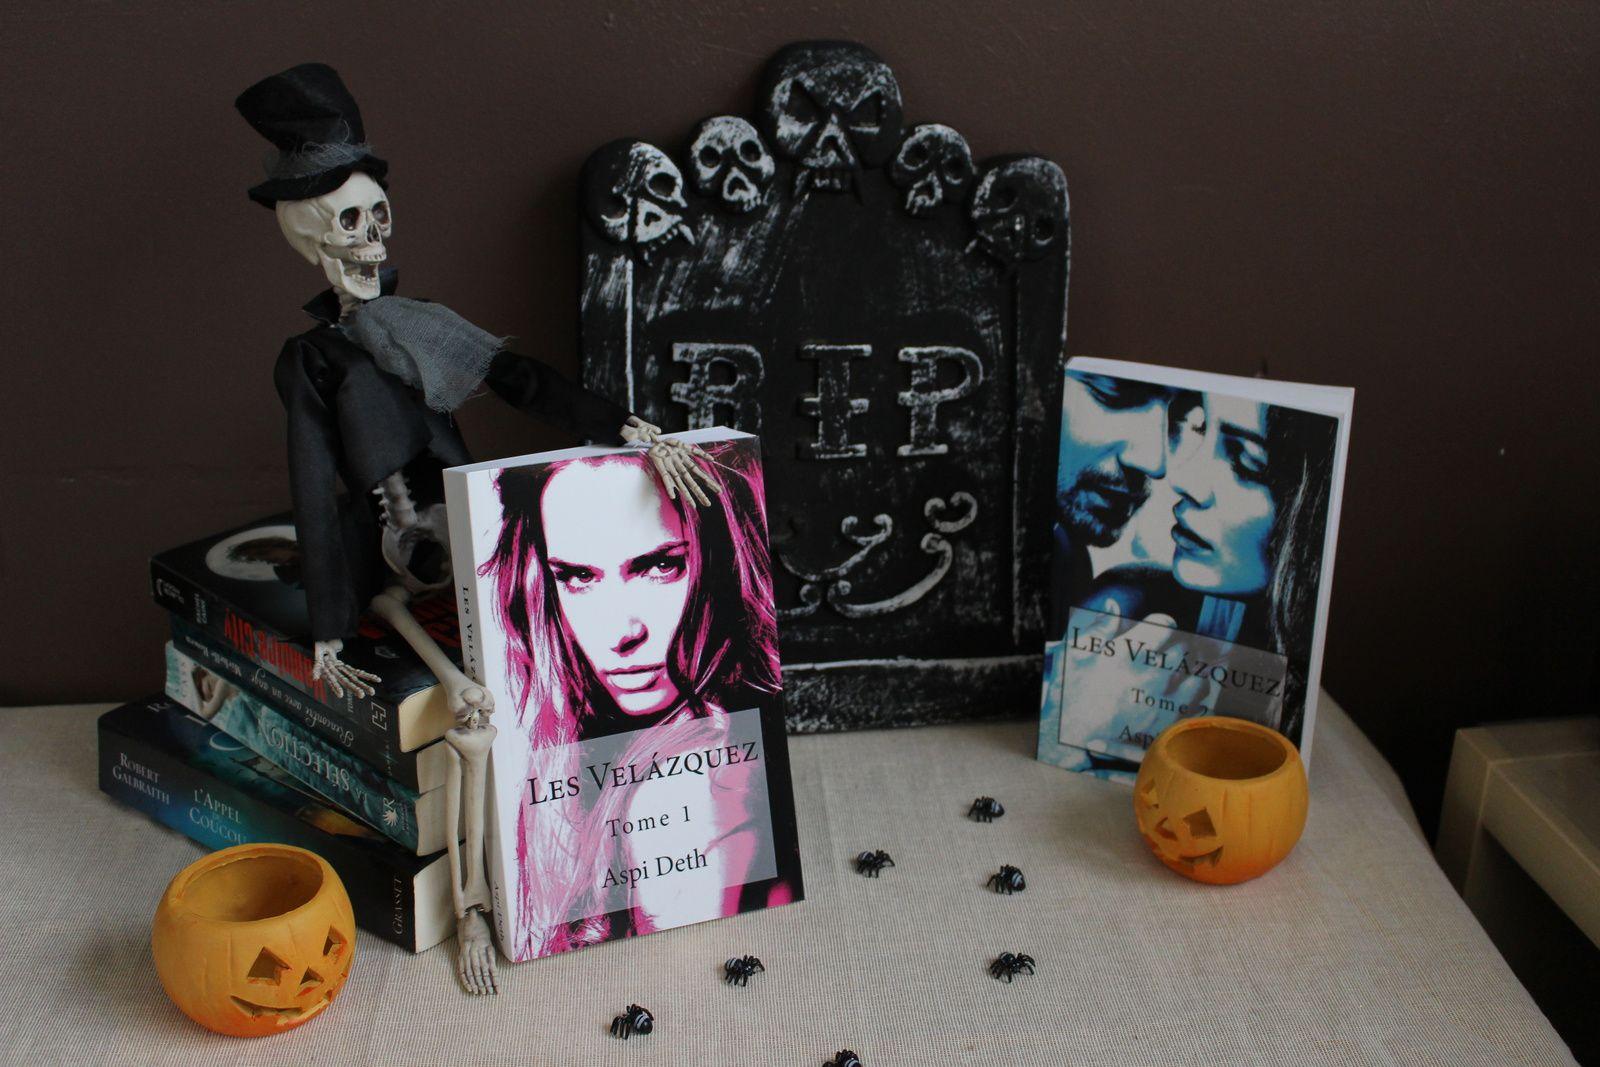 Halloween tag + déco d'enfer + vidéo très spéciale...